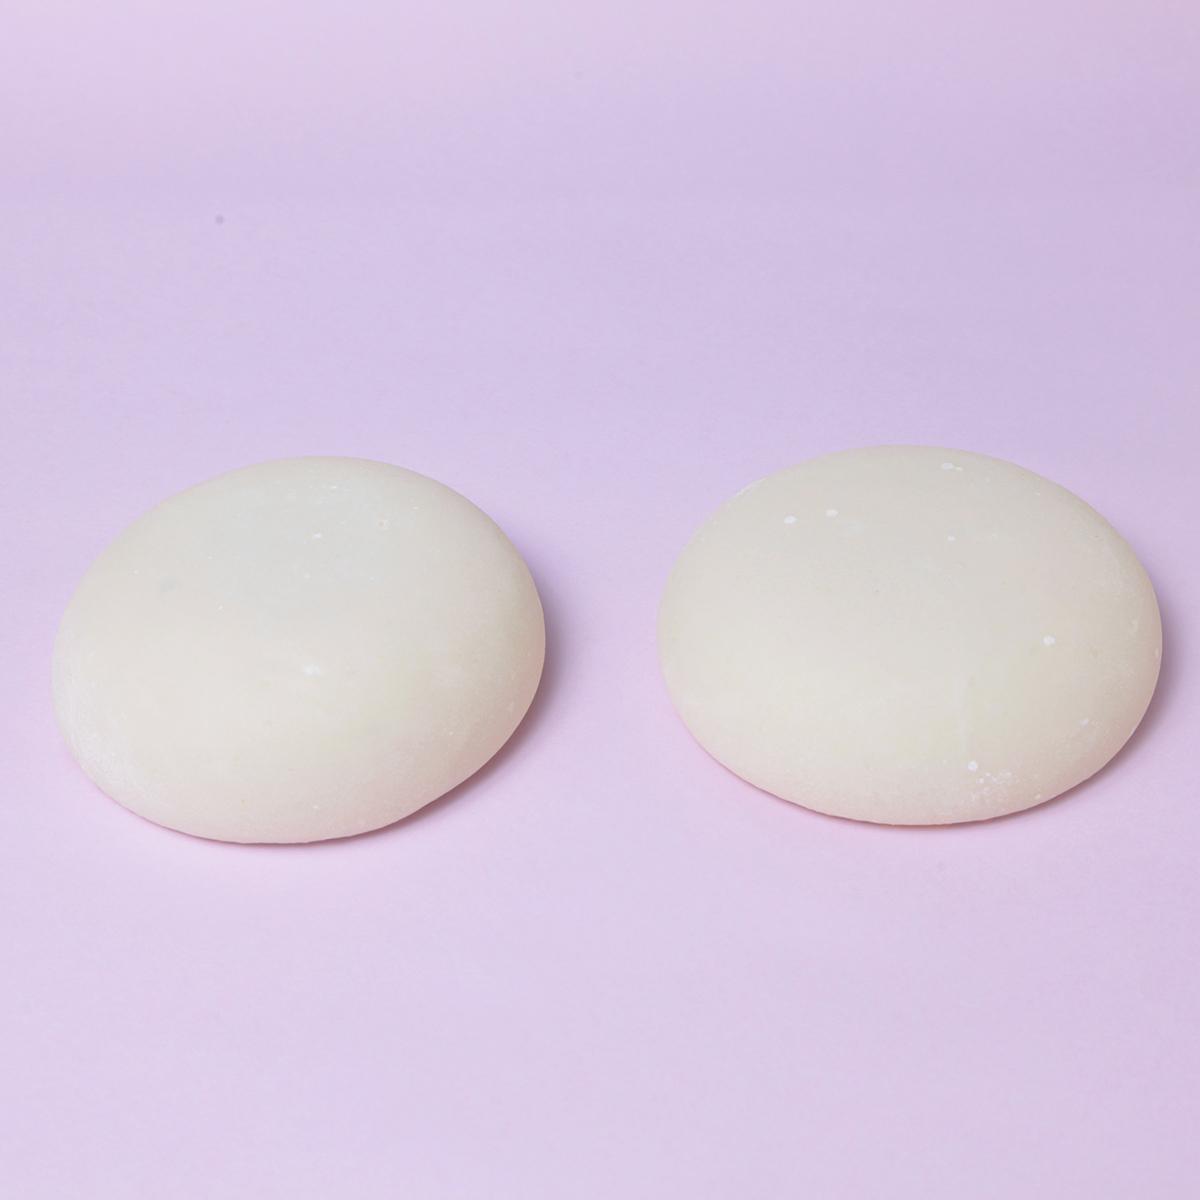 一升餅 2個(900g ×2)